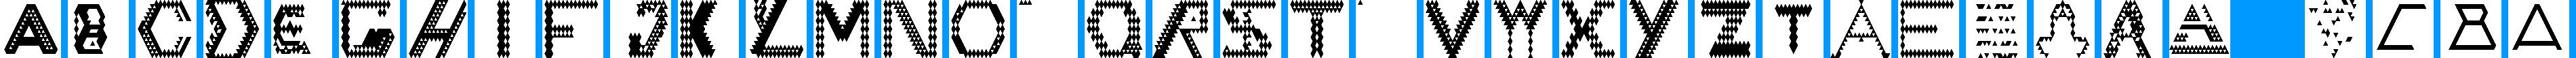 Particip-a-type v.204